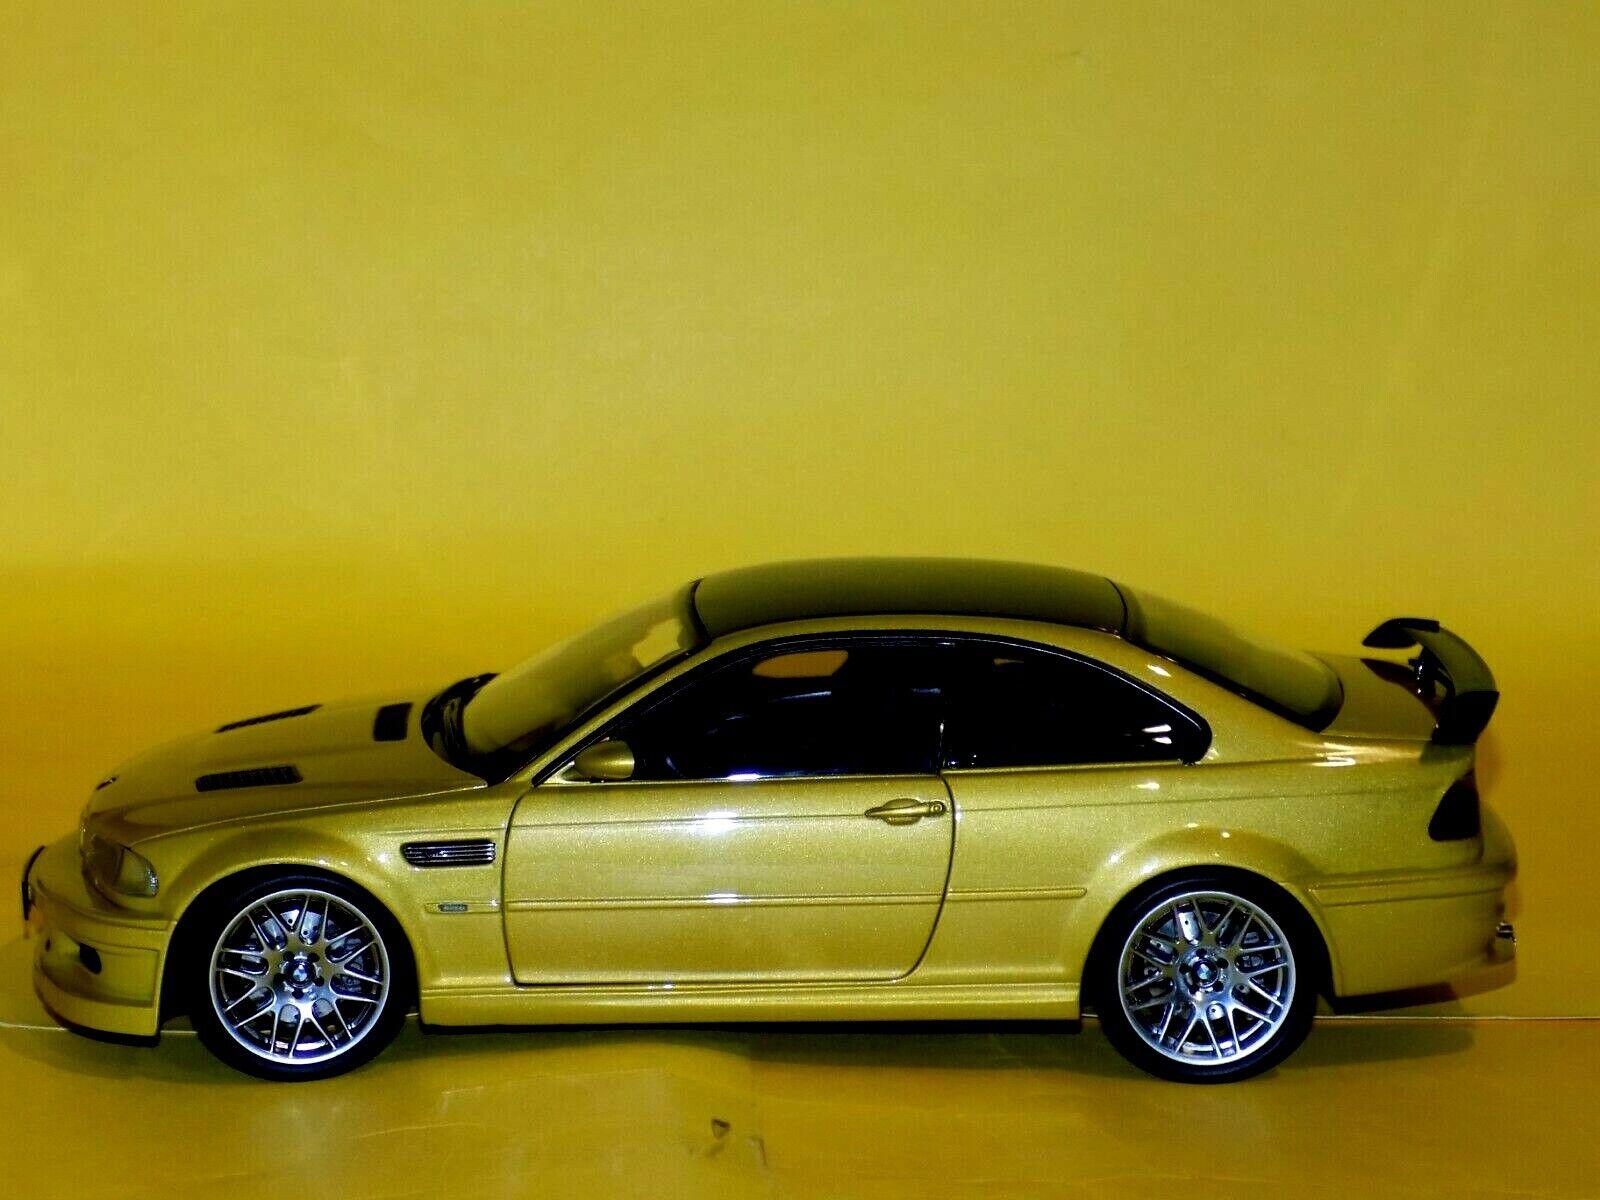 Los mejores precios y los estilos más frescos. BMW 3 serie M3 GTR E46 E46 E46 Kyosho 08507Y 1 18  promociones de equipo